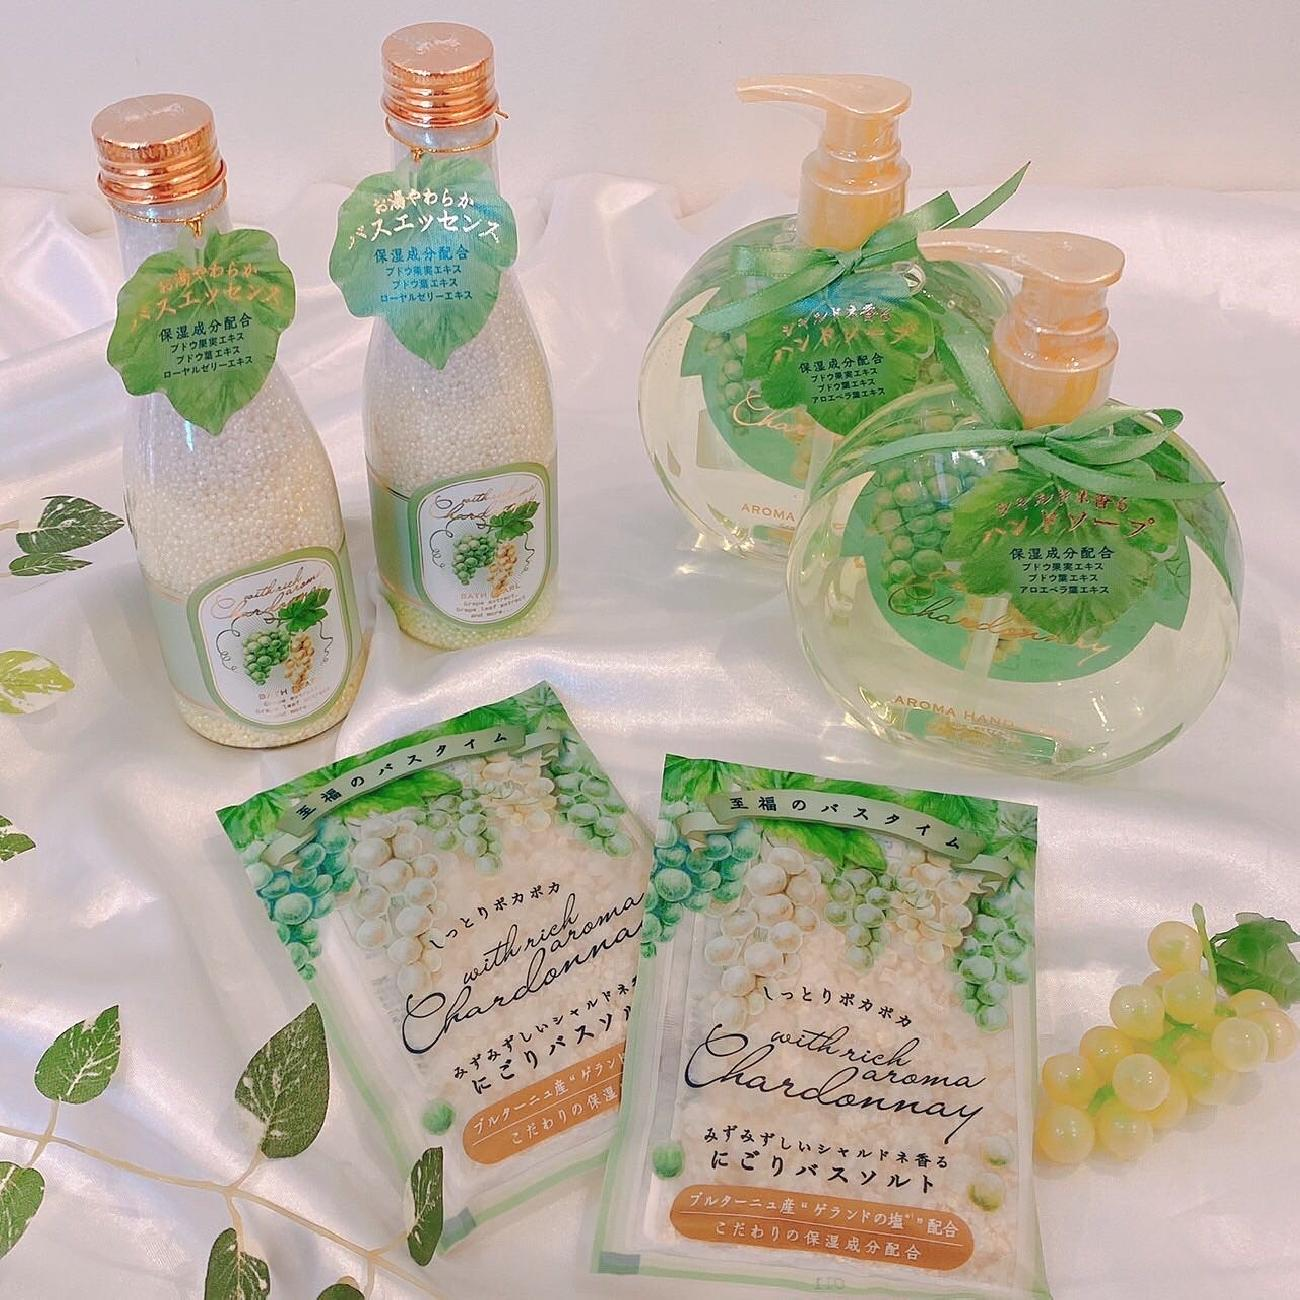 シャルドネ/入浴剤/バスソルト/バスパール/ハンドソープ/いい香り/癒し/癒しの時間/至福の時間/香りのある暮らし